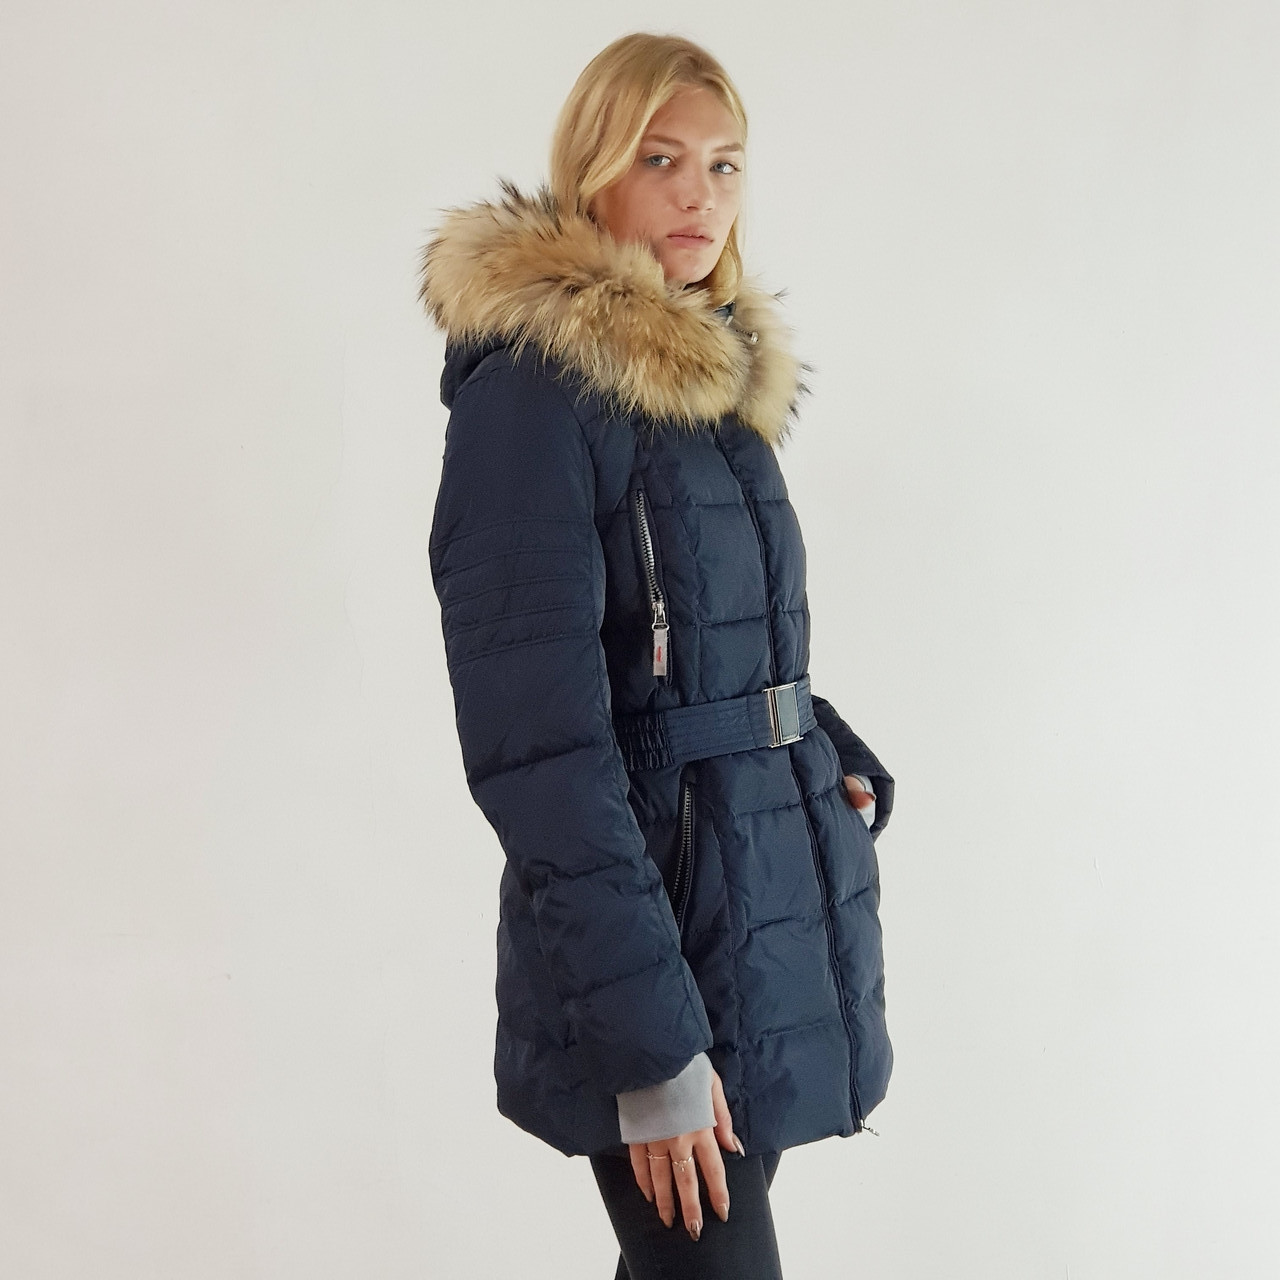 Пальто-пуховик женский Snowimage с капюшоном и натуральным мехом синий, длинный, распродажа